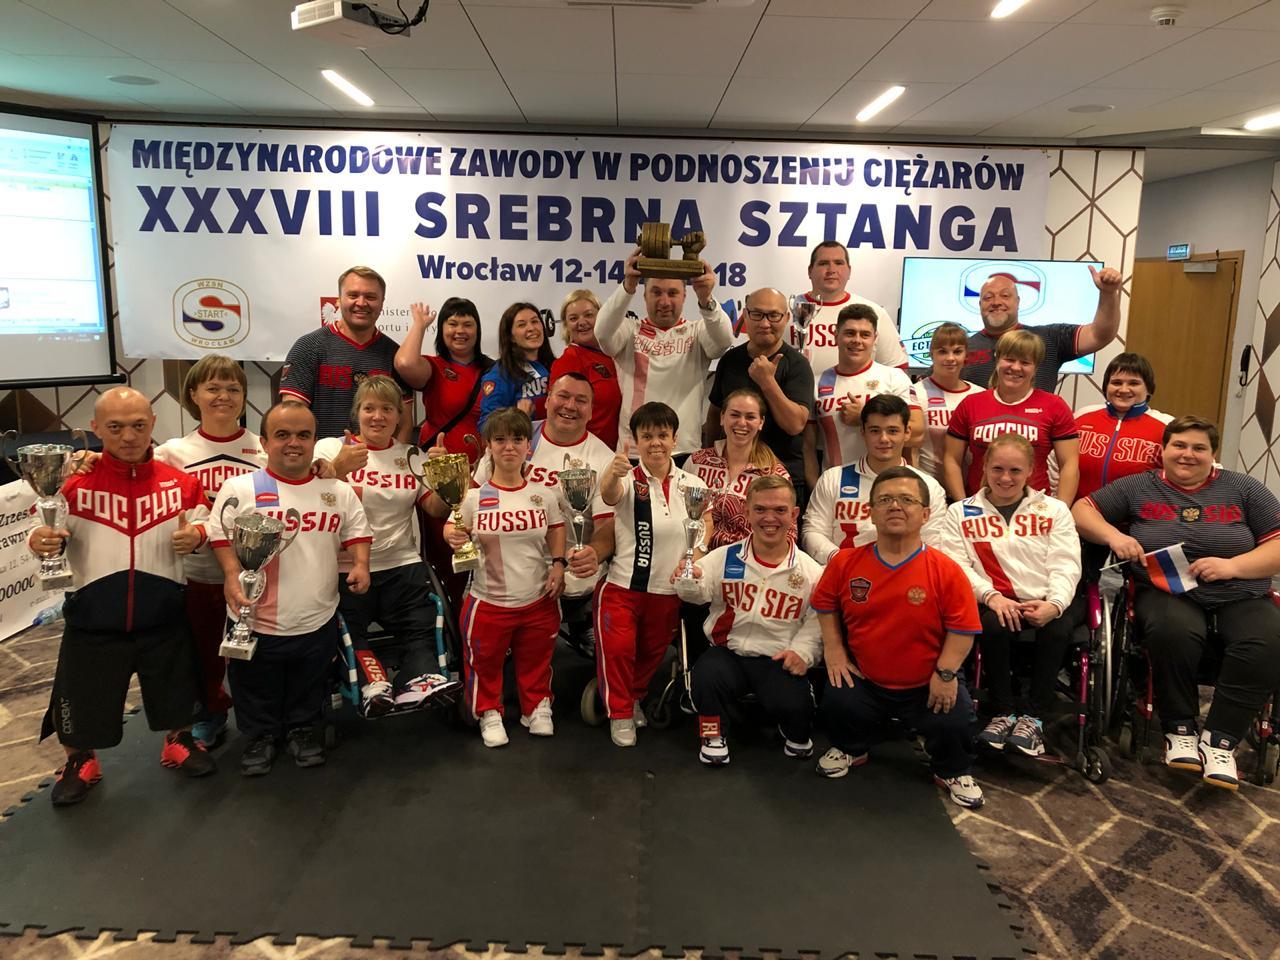 9 золотых, 4 серебряные и 3 бронзовые медали завоевали российские спортсмены на международных соревнованиях по пауэрлифтингу спорта лиц с ПОДА в Польше